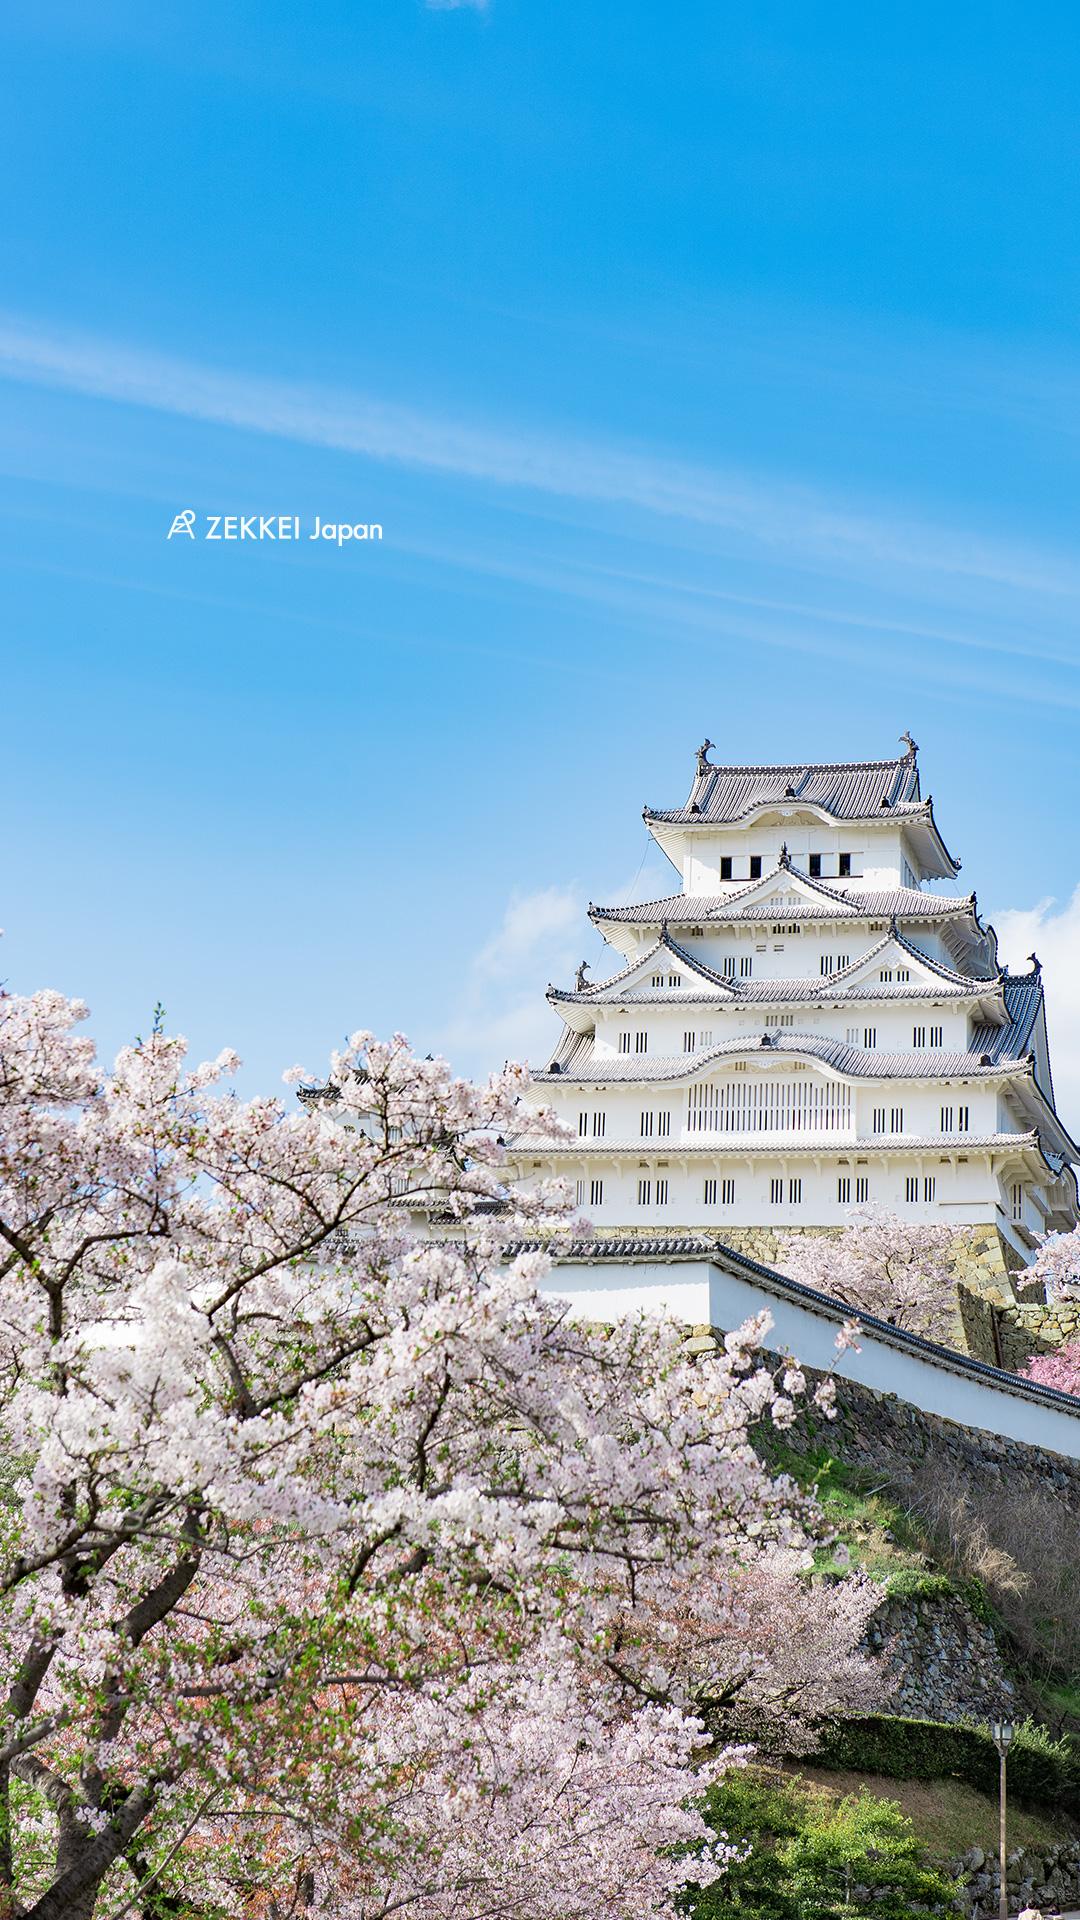 絕景桌布 四季更迭 日本名城 絕景桌布大分享 絕景日本